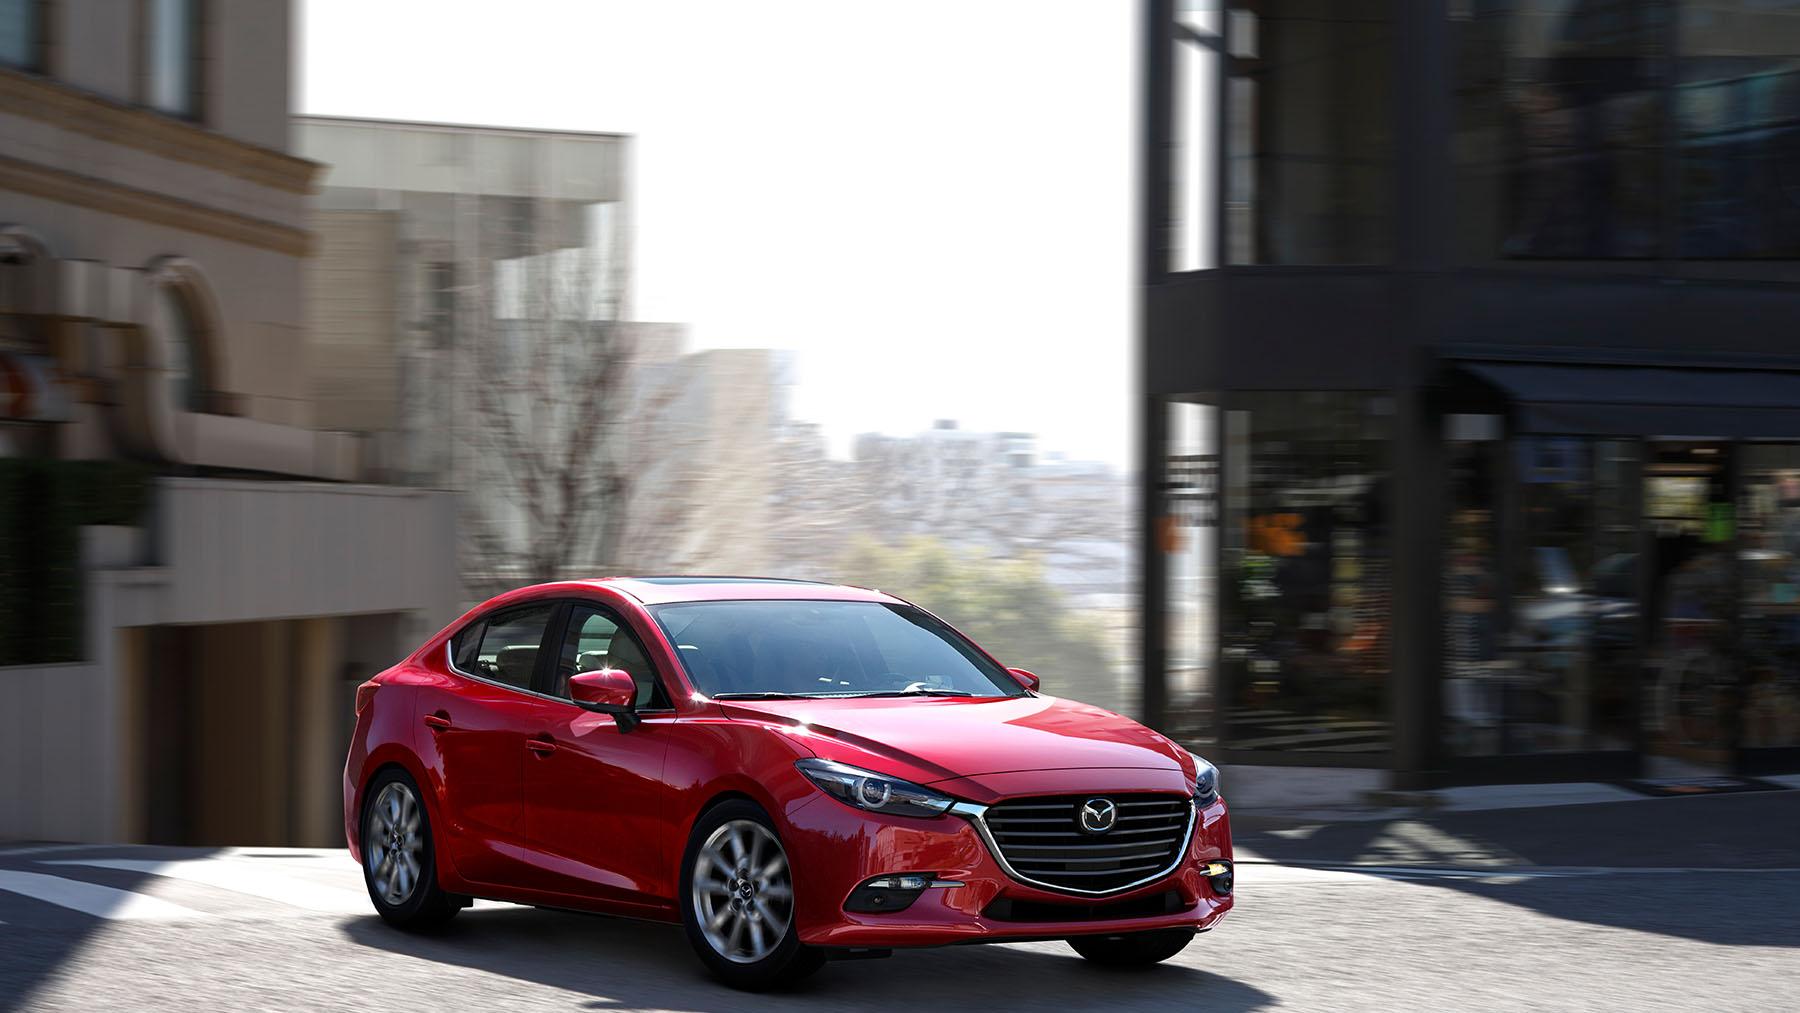 Mazda 3 2018 sedán en México color rojo frente